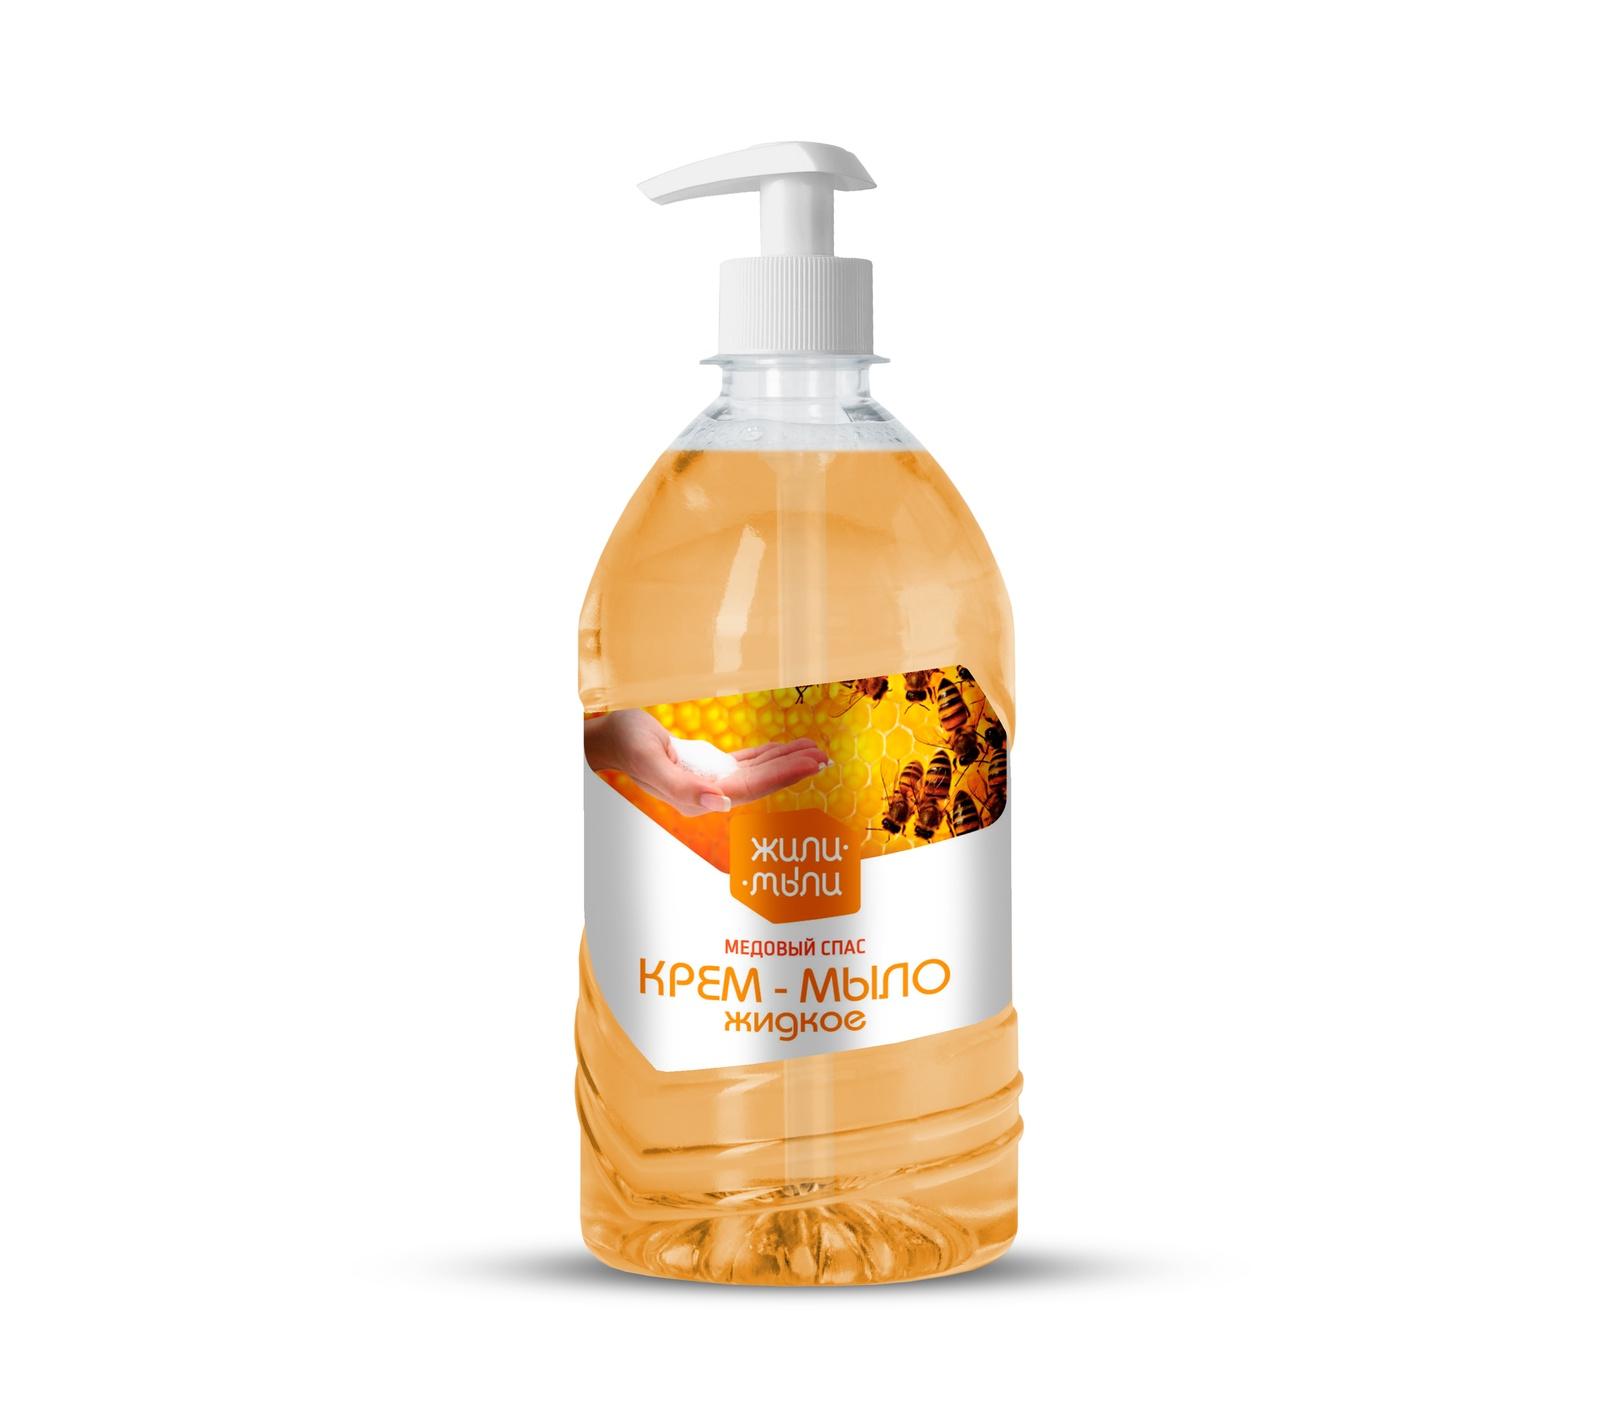 Жидкое мыло Жили-Мыли Медовый спас мыло с колд кремом авен